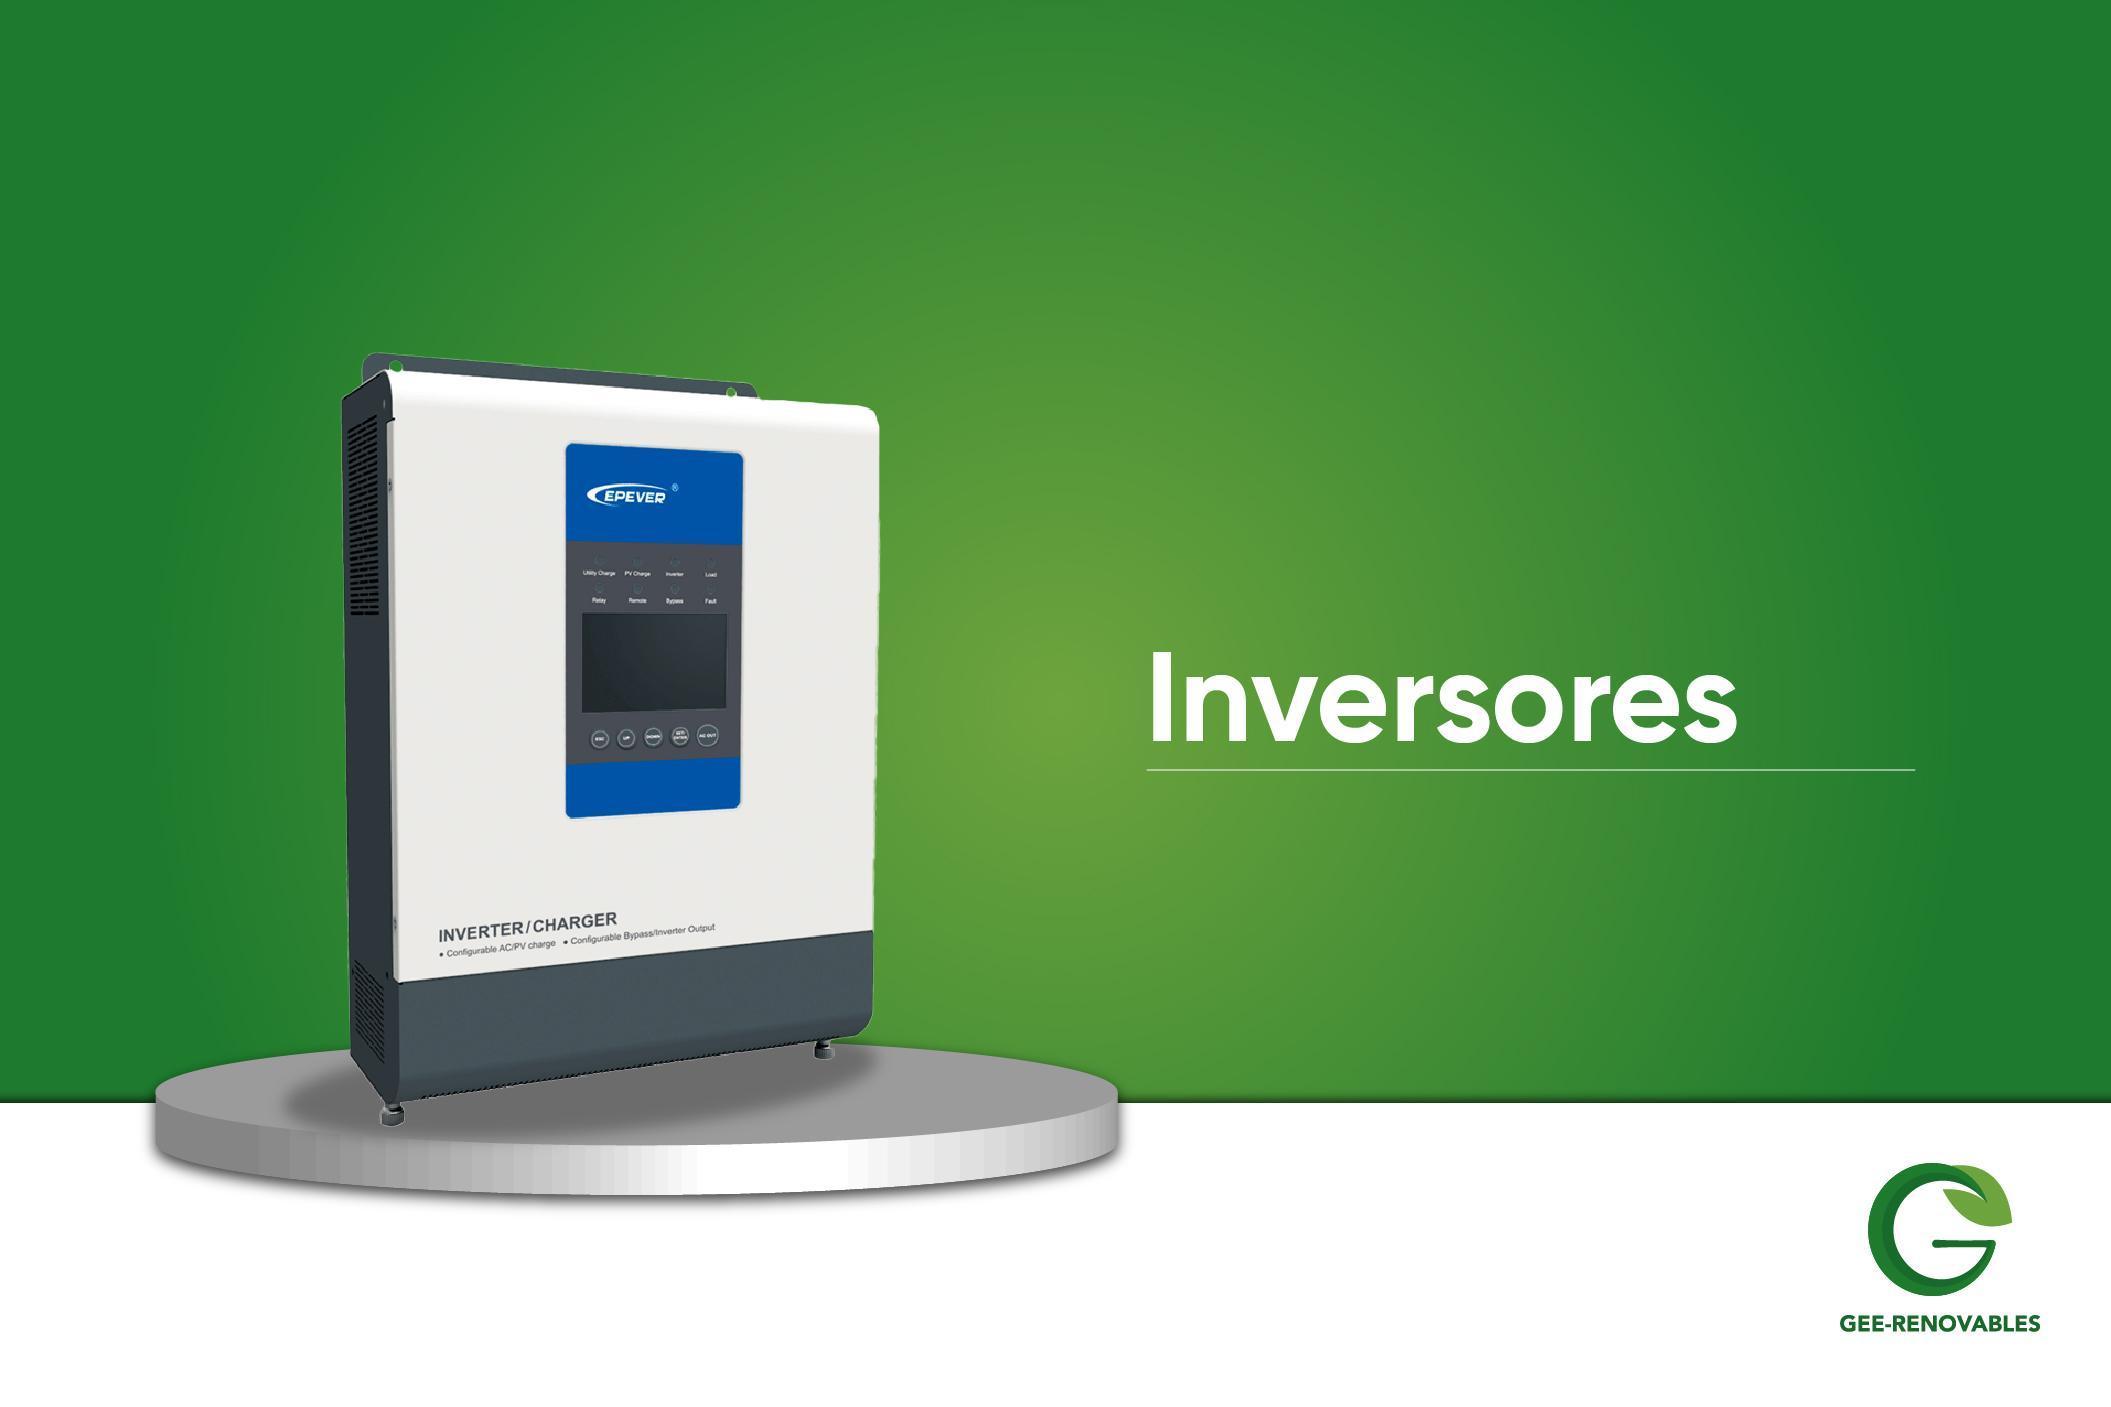 Inversores (2)